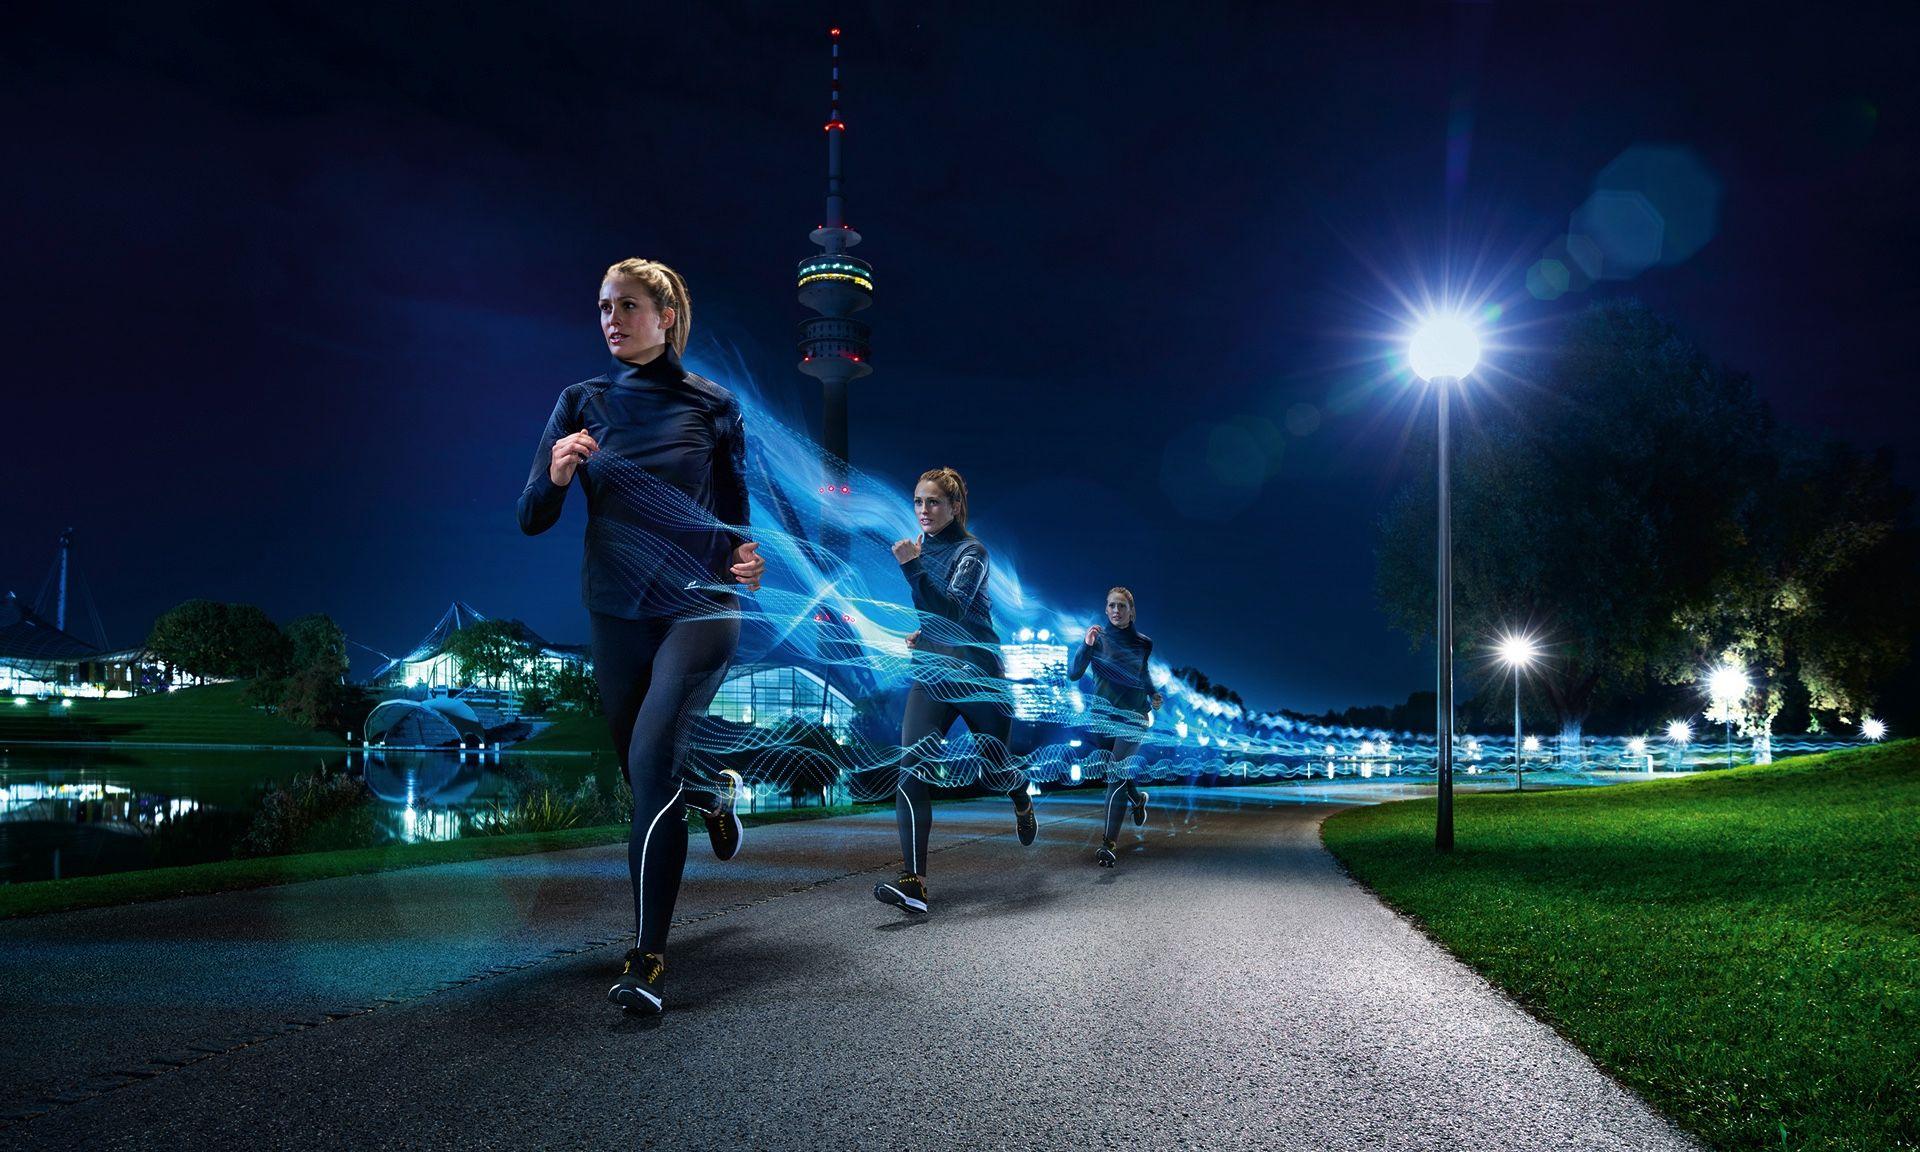 高科技装备加持夜跑,精致的运动广告摄影欣赏